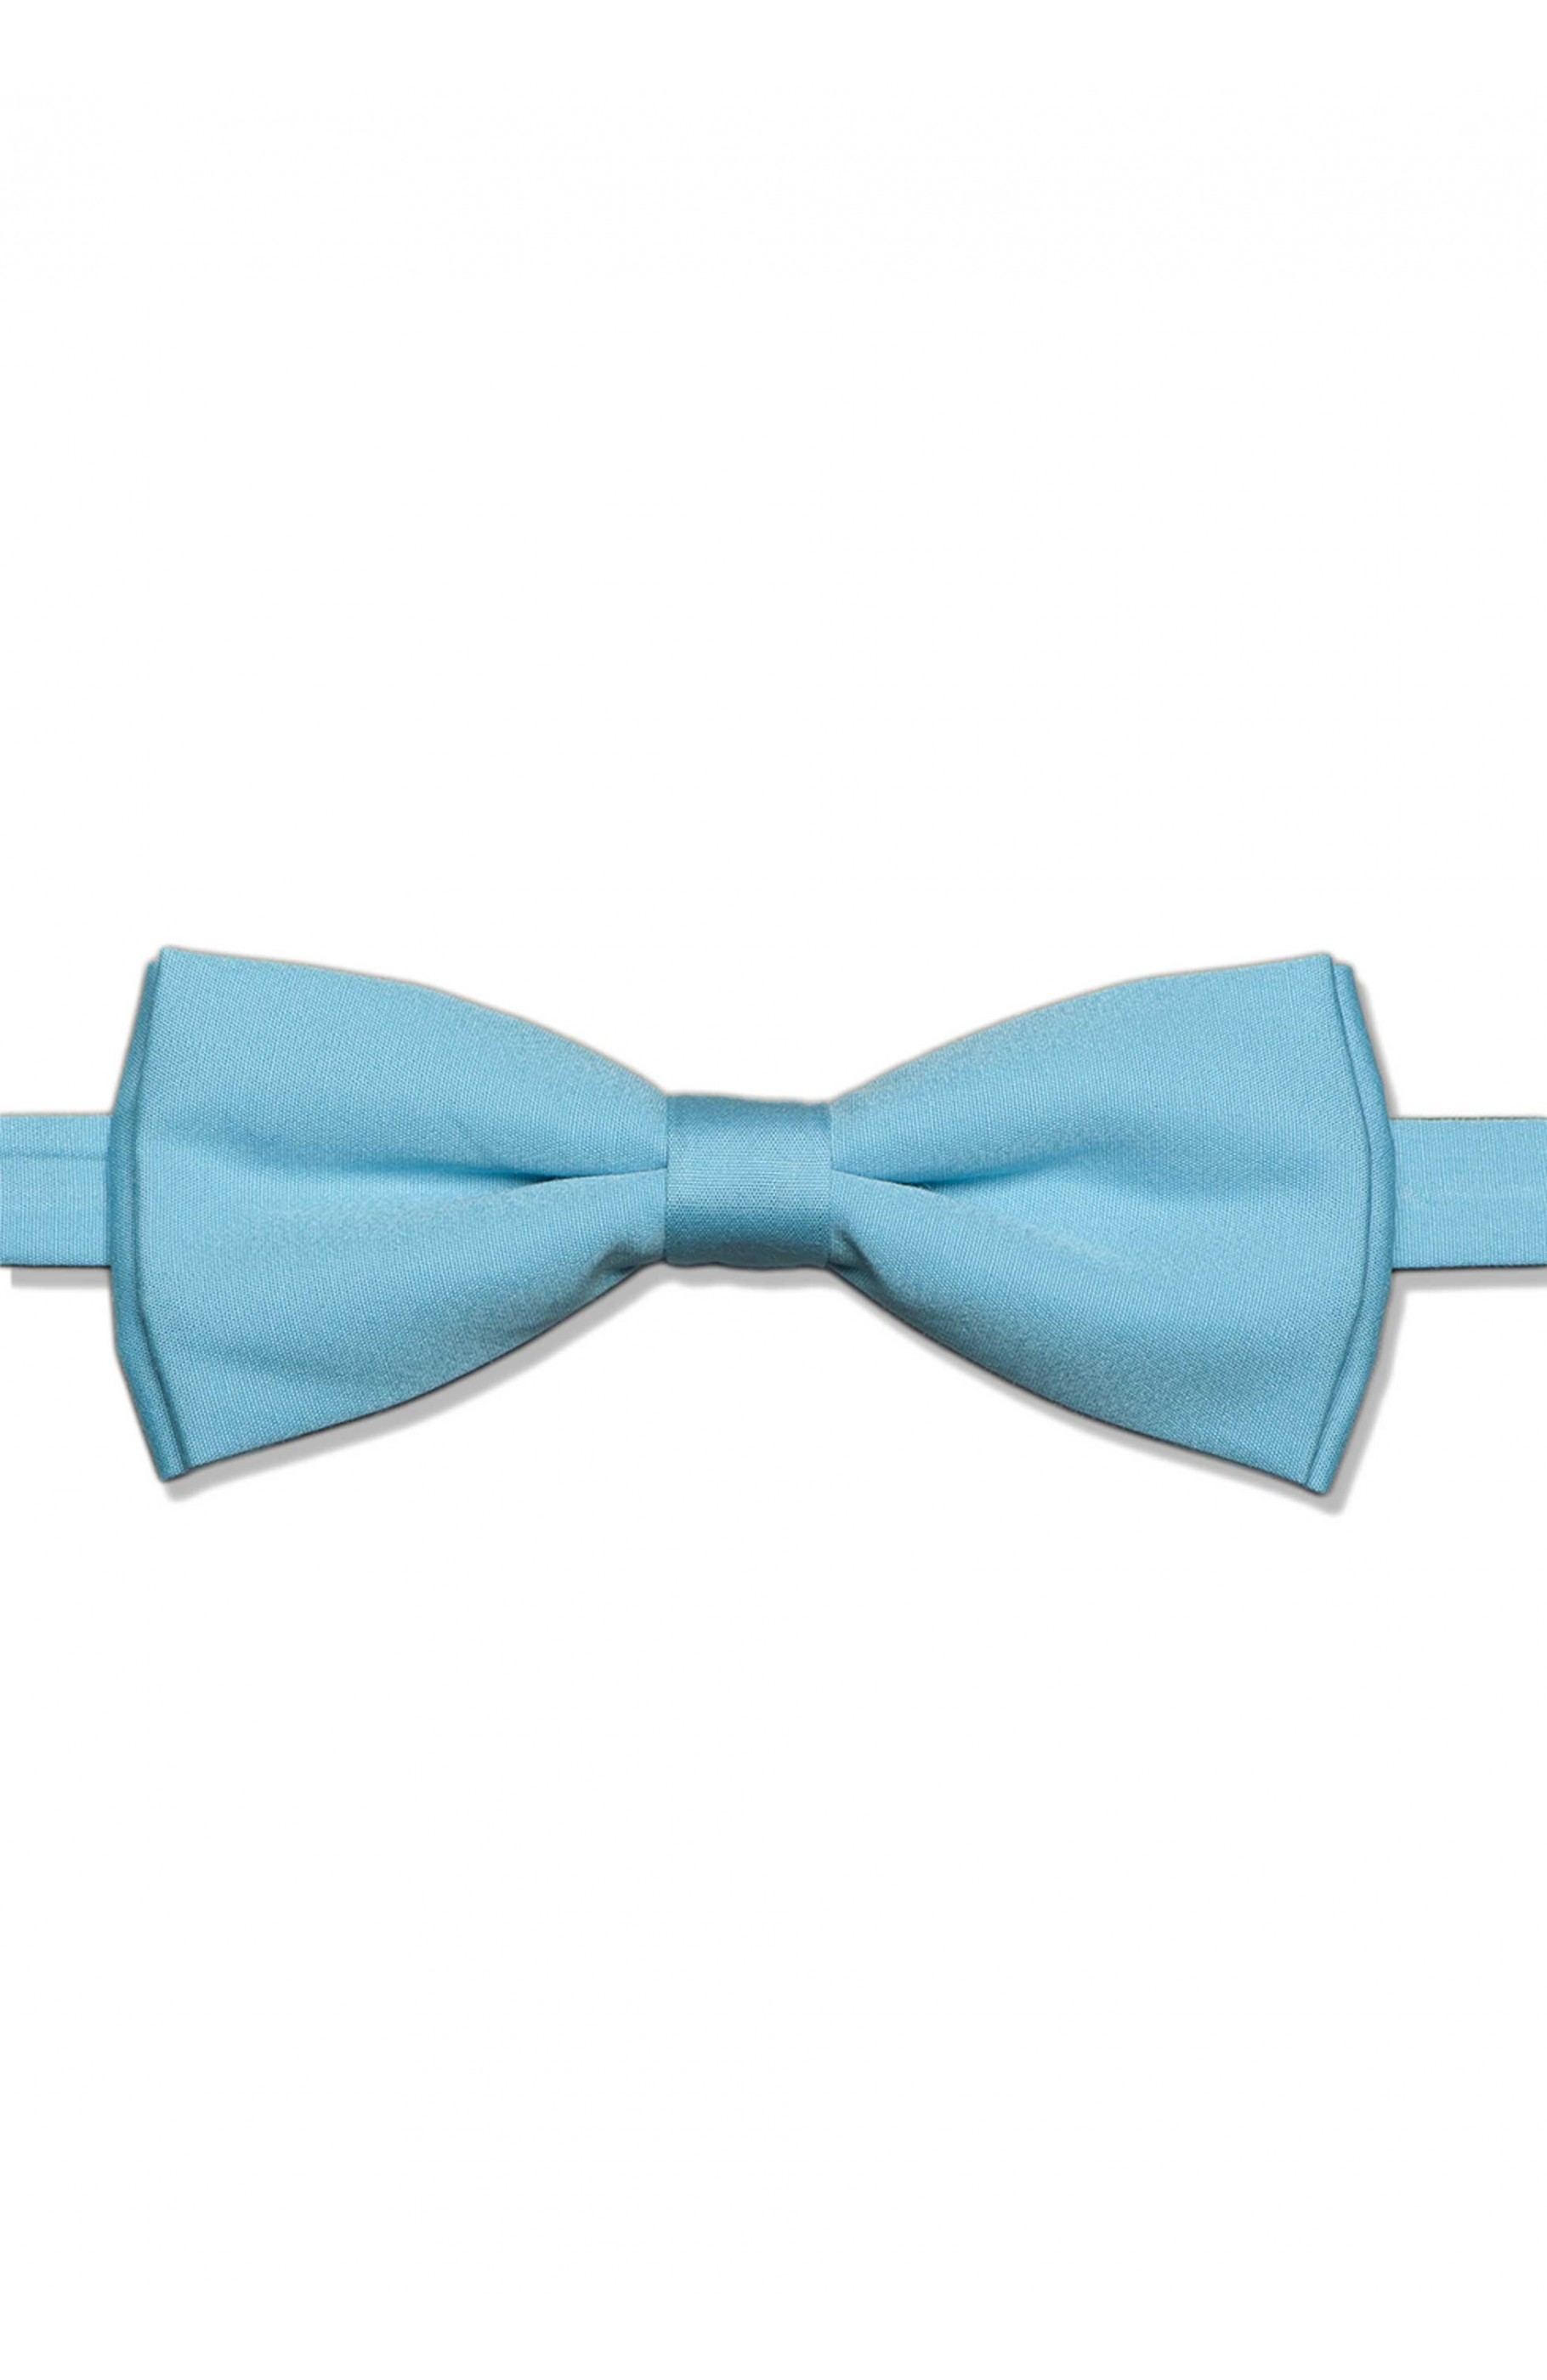 Majesté Couture Paris: Acqua bow tie   Accessories -  Hiphunters Shop